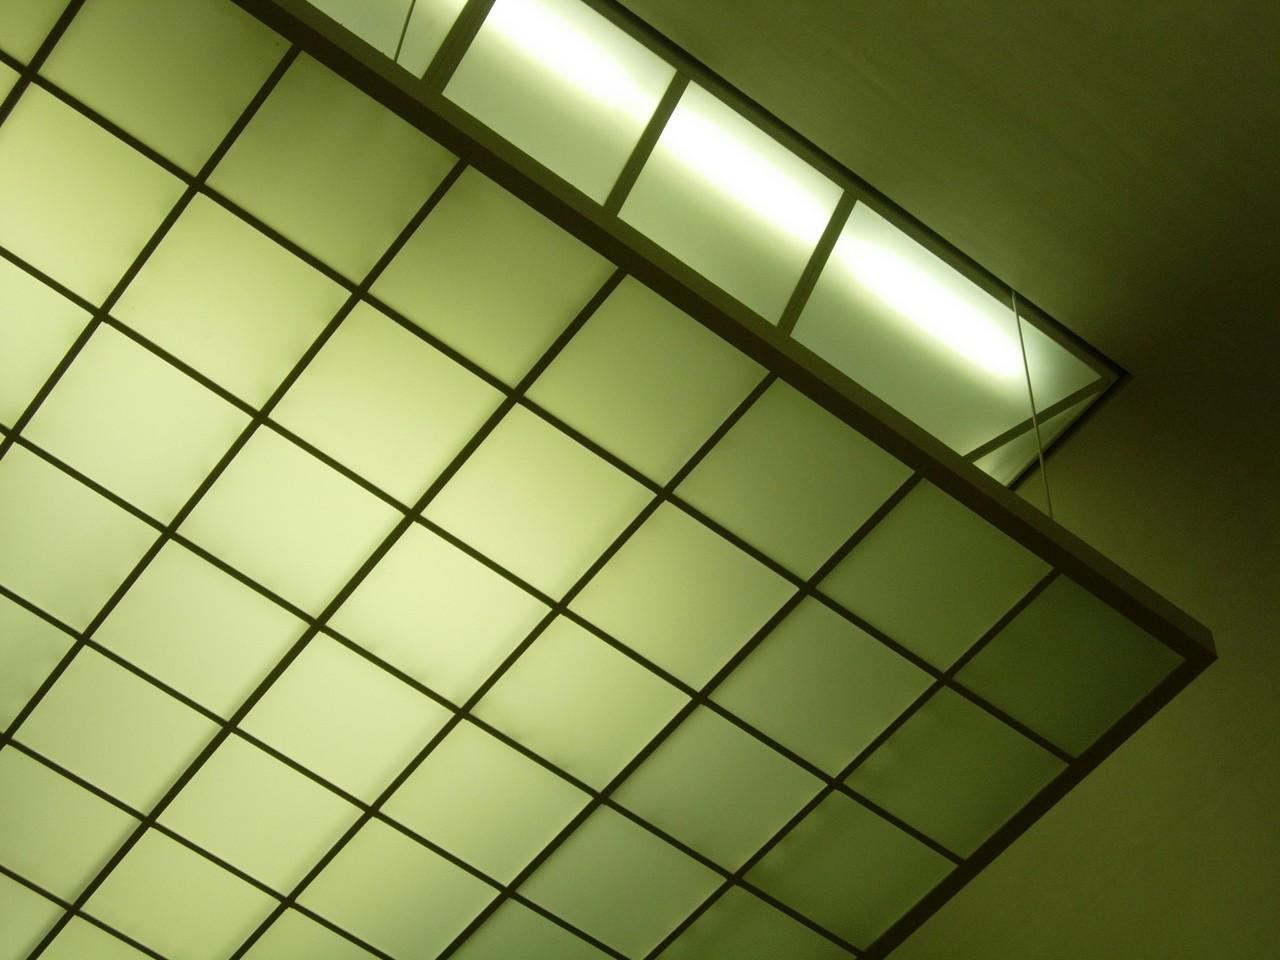 Innowacje w zakresie oświetlenia sufitowego